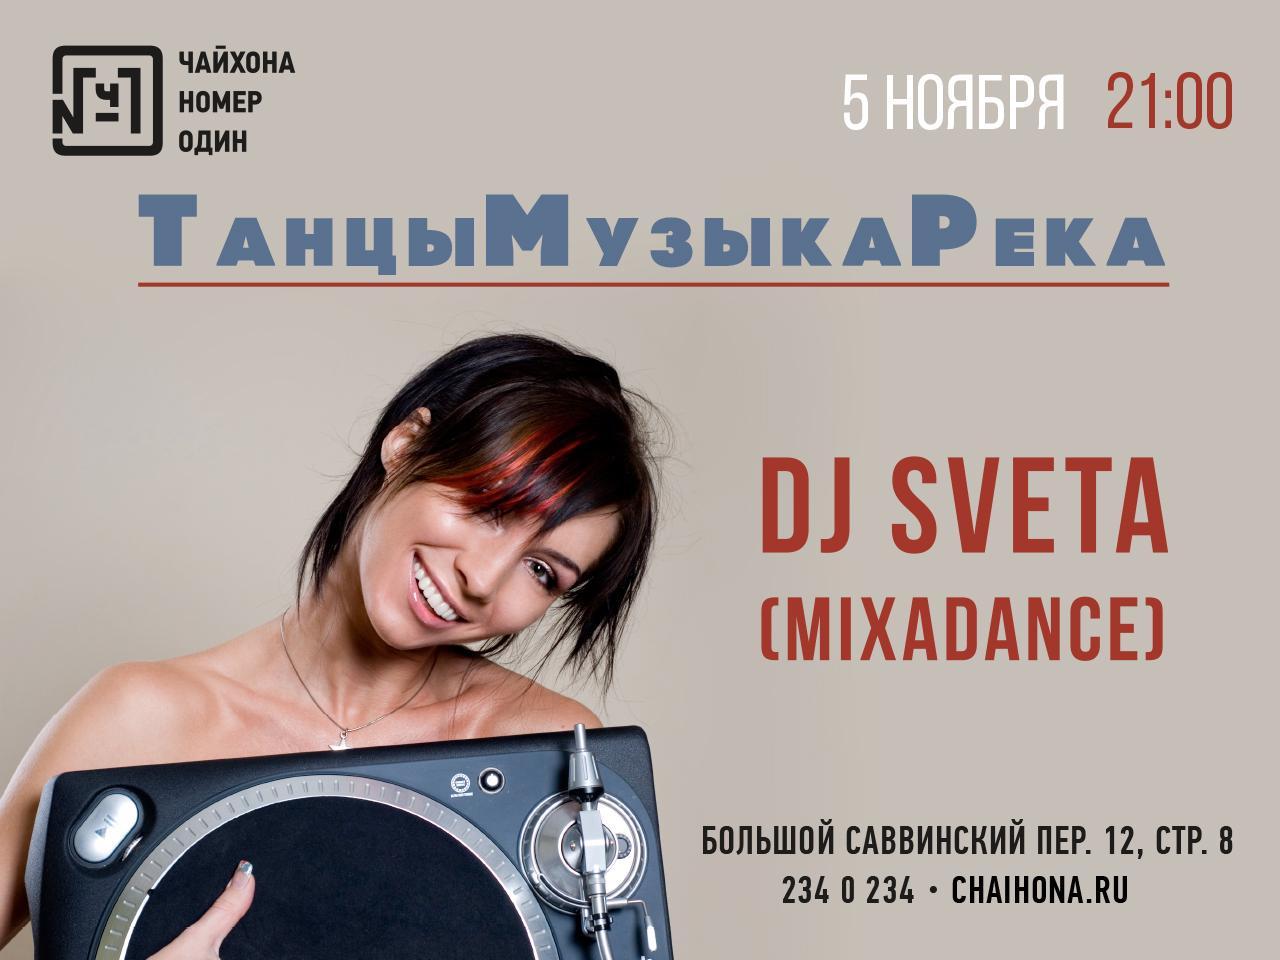 Танцы, музыка, река на Саввинской набережной!